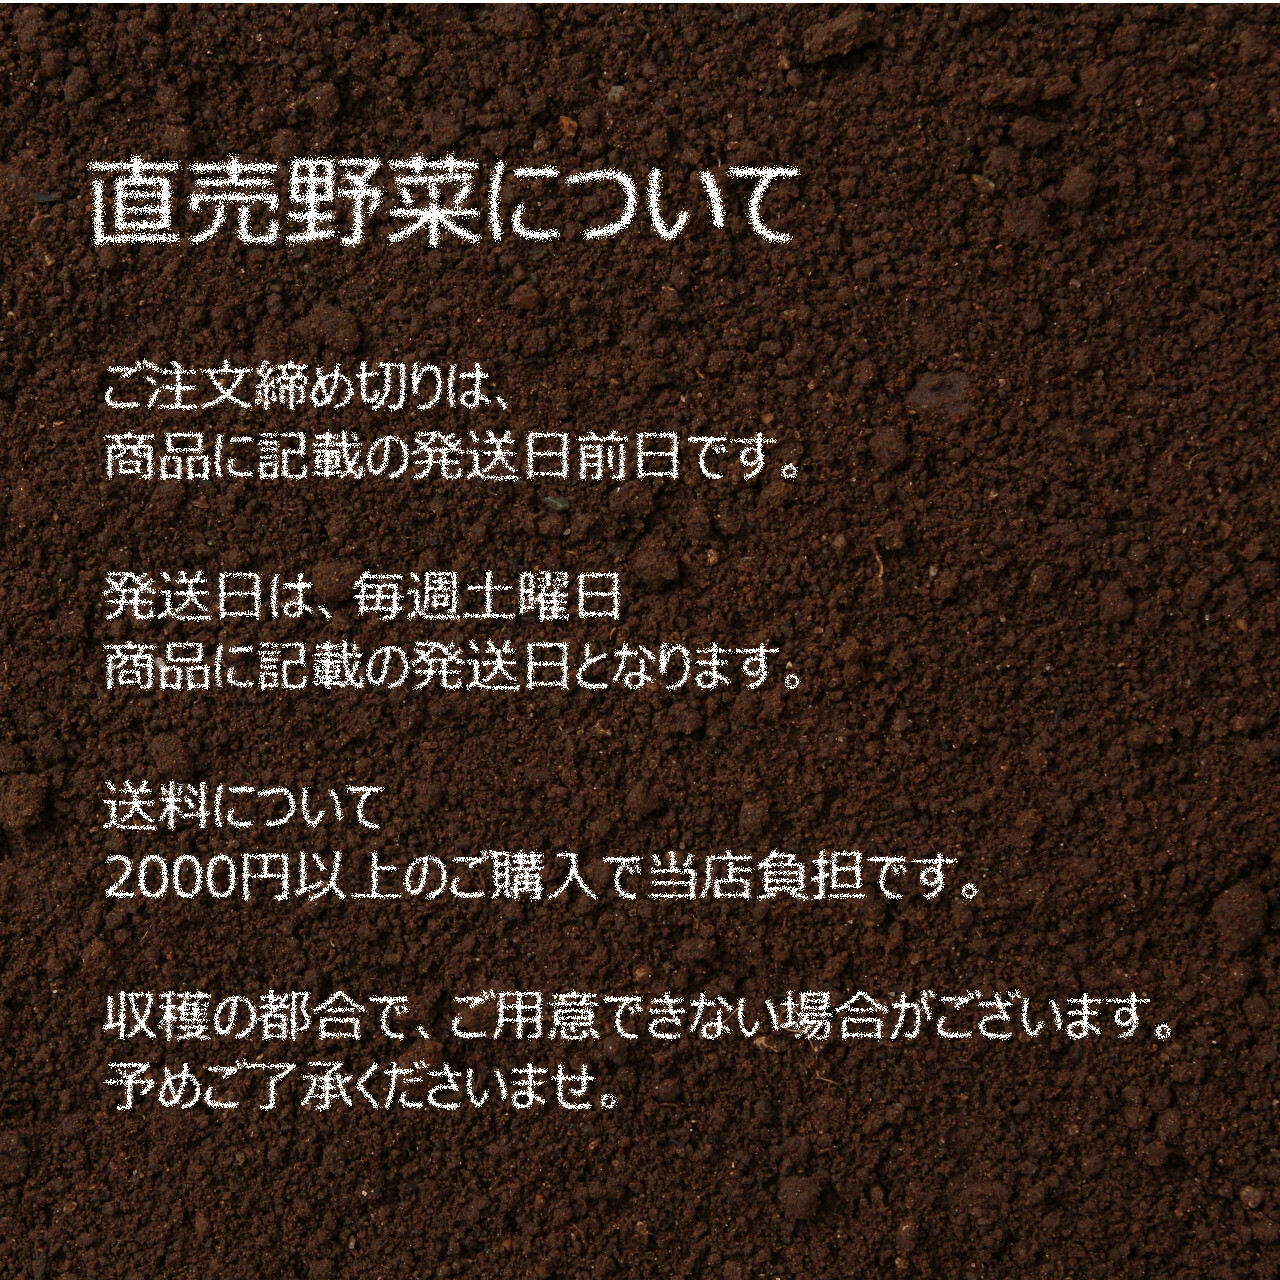 11月の朝採り直売野菜 : 里芋 約350g 新鮮な秋野菜 11月16日発送予定